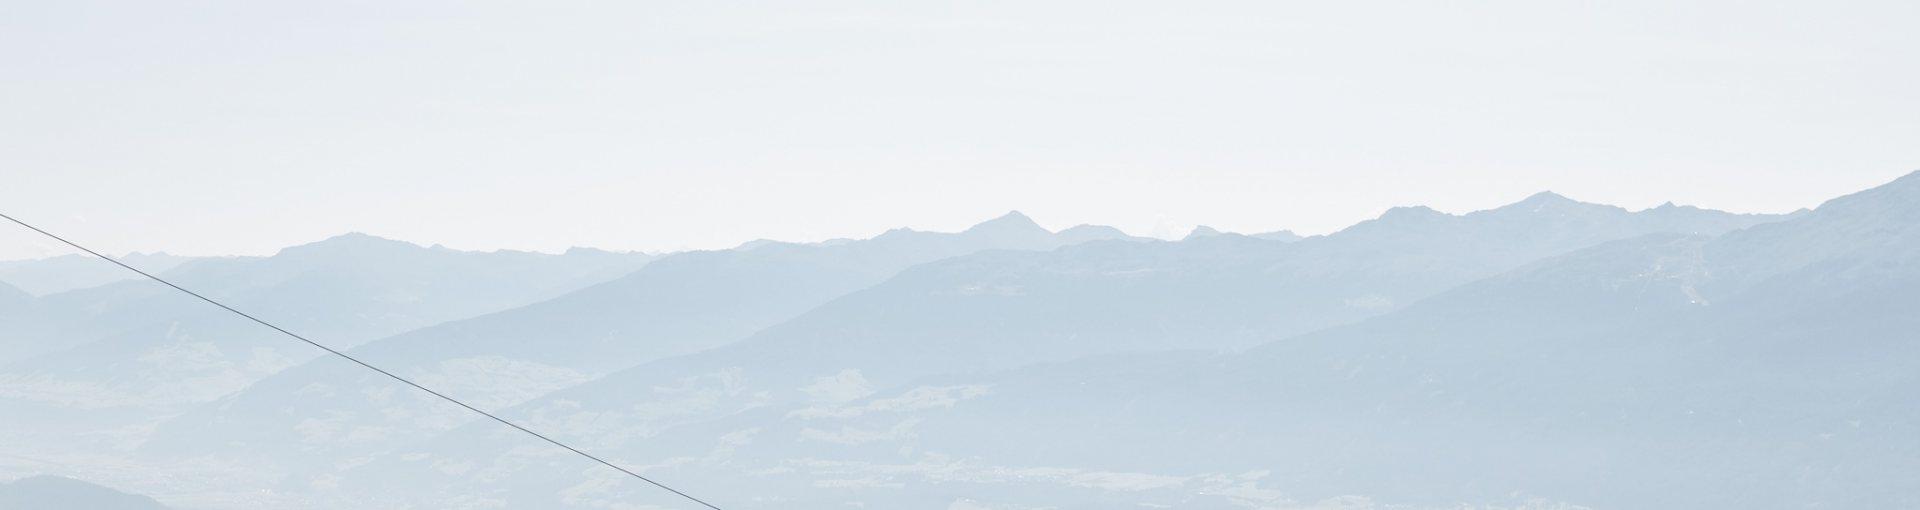 Insbruck Seegrube © David Schreyer